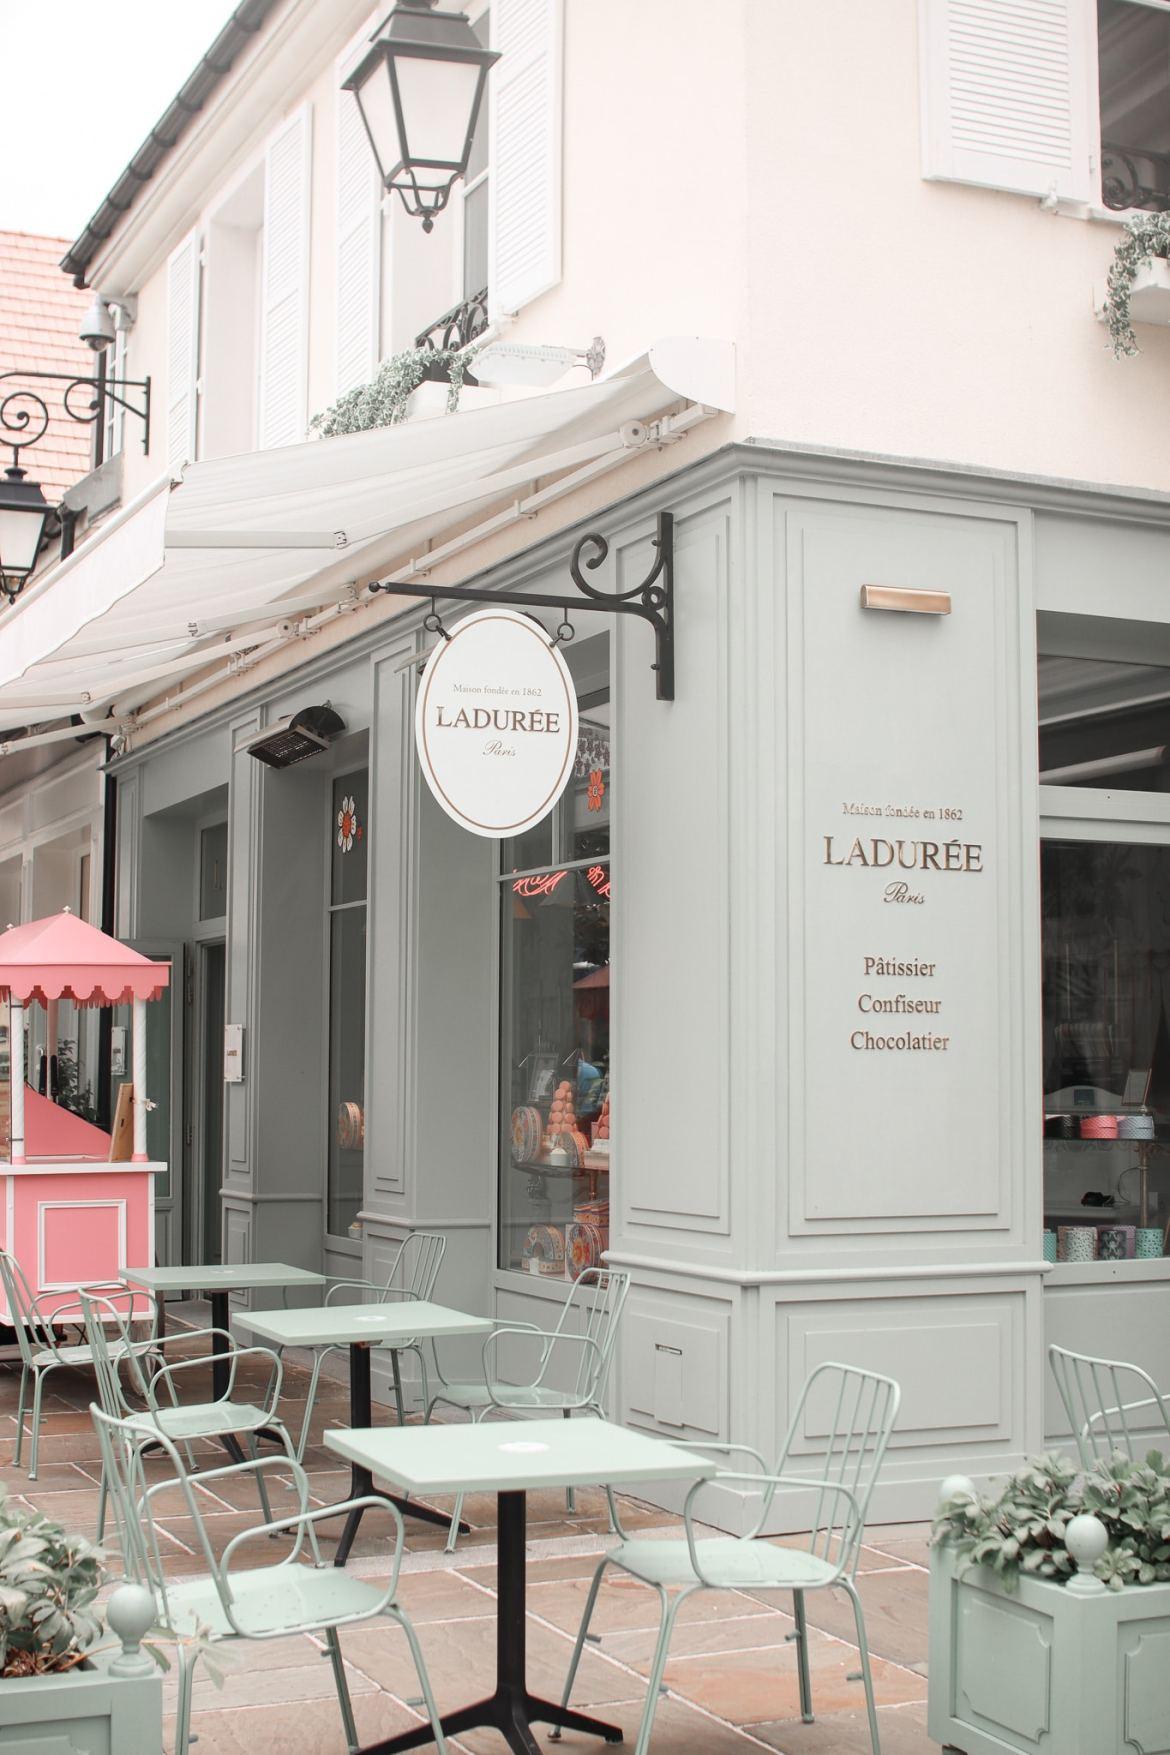 boutique ladurée mariage à paris - Une experience vip pour nos futurs mariés